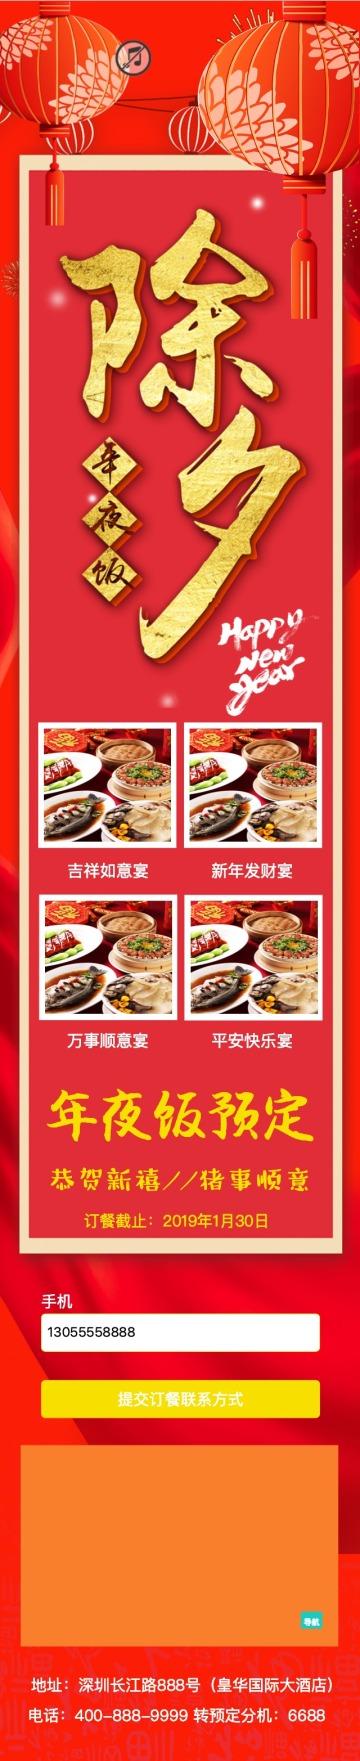 红色喜庆年夜饭预定宣传单页